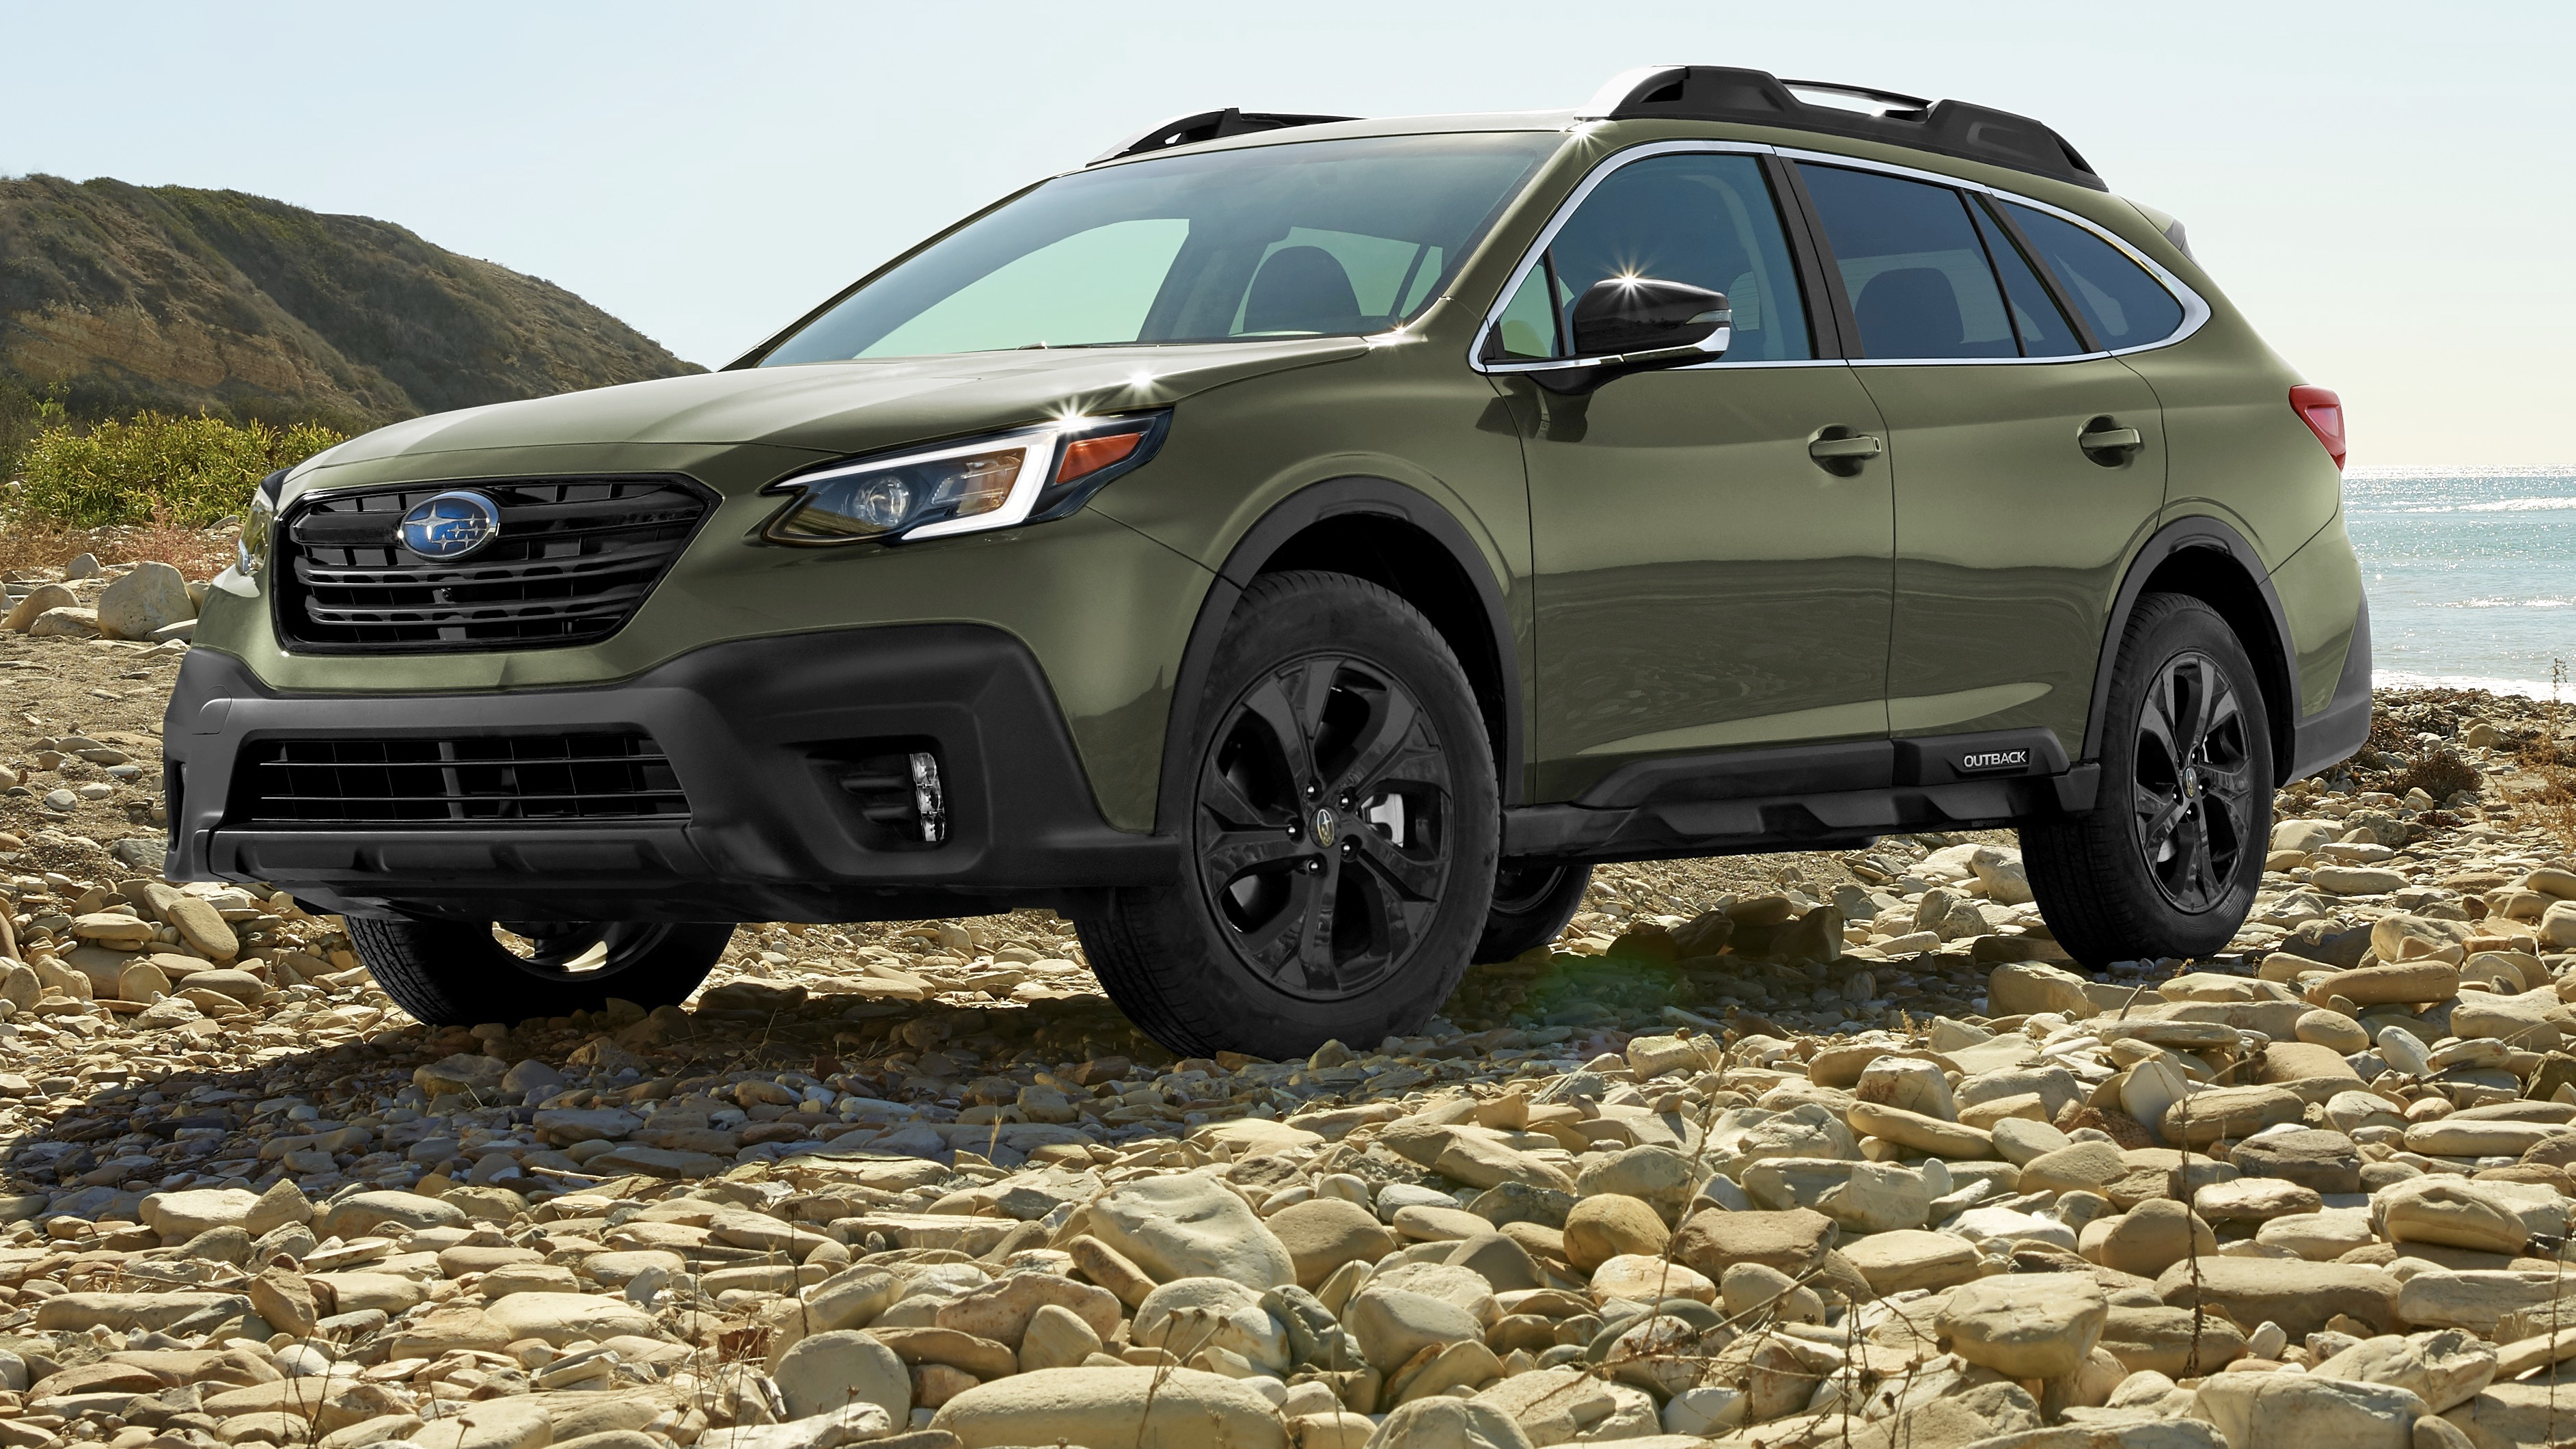 Price Next Generation Subaru Outback 2021